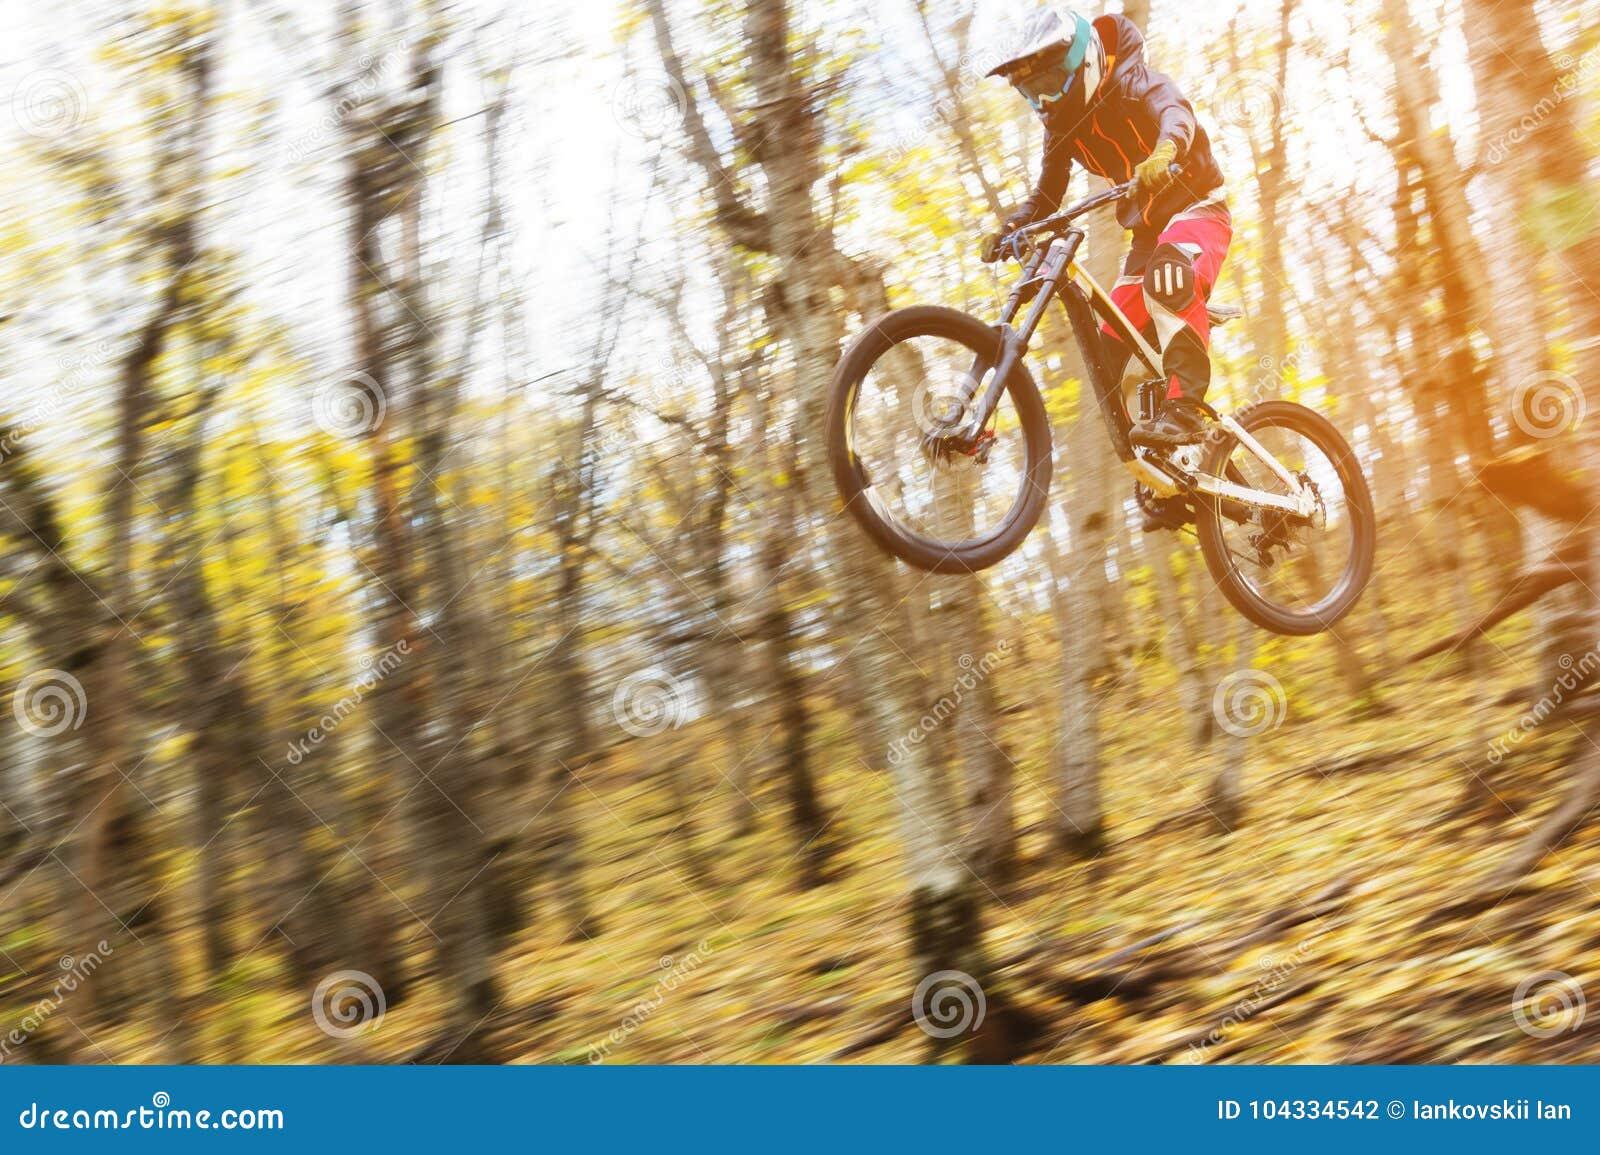 En ung ryttare på hjulet av hans mountainbike gör ett trick i banhoppning på språngbrädan av det sluttande berget